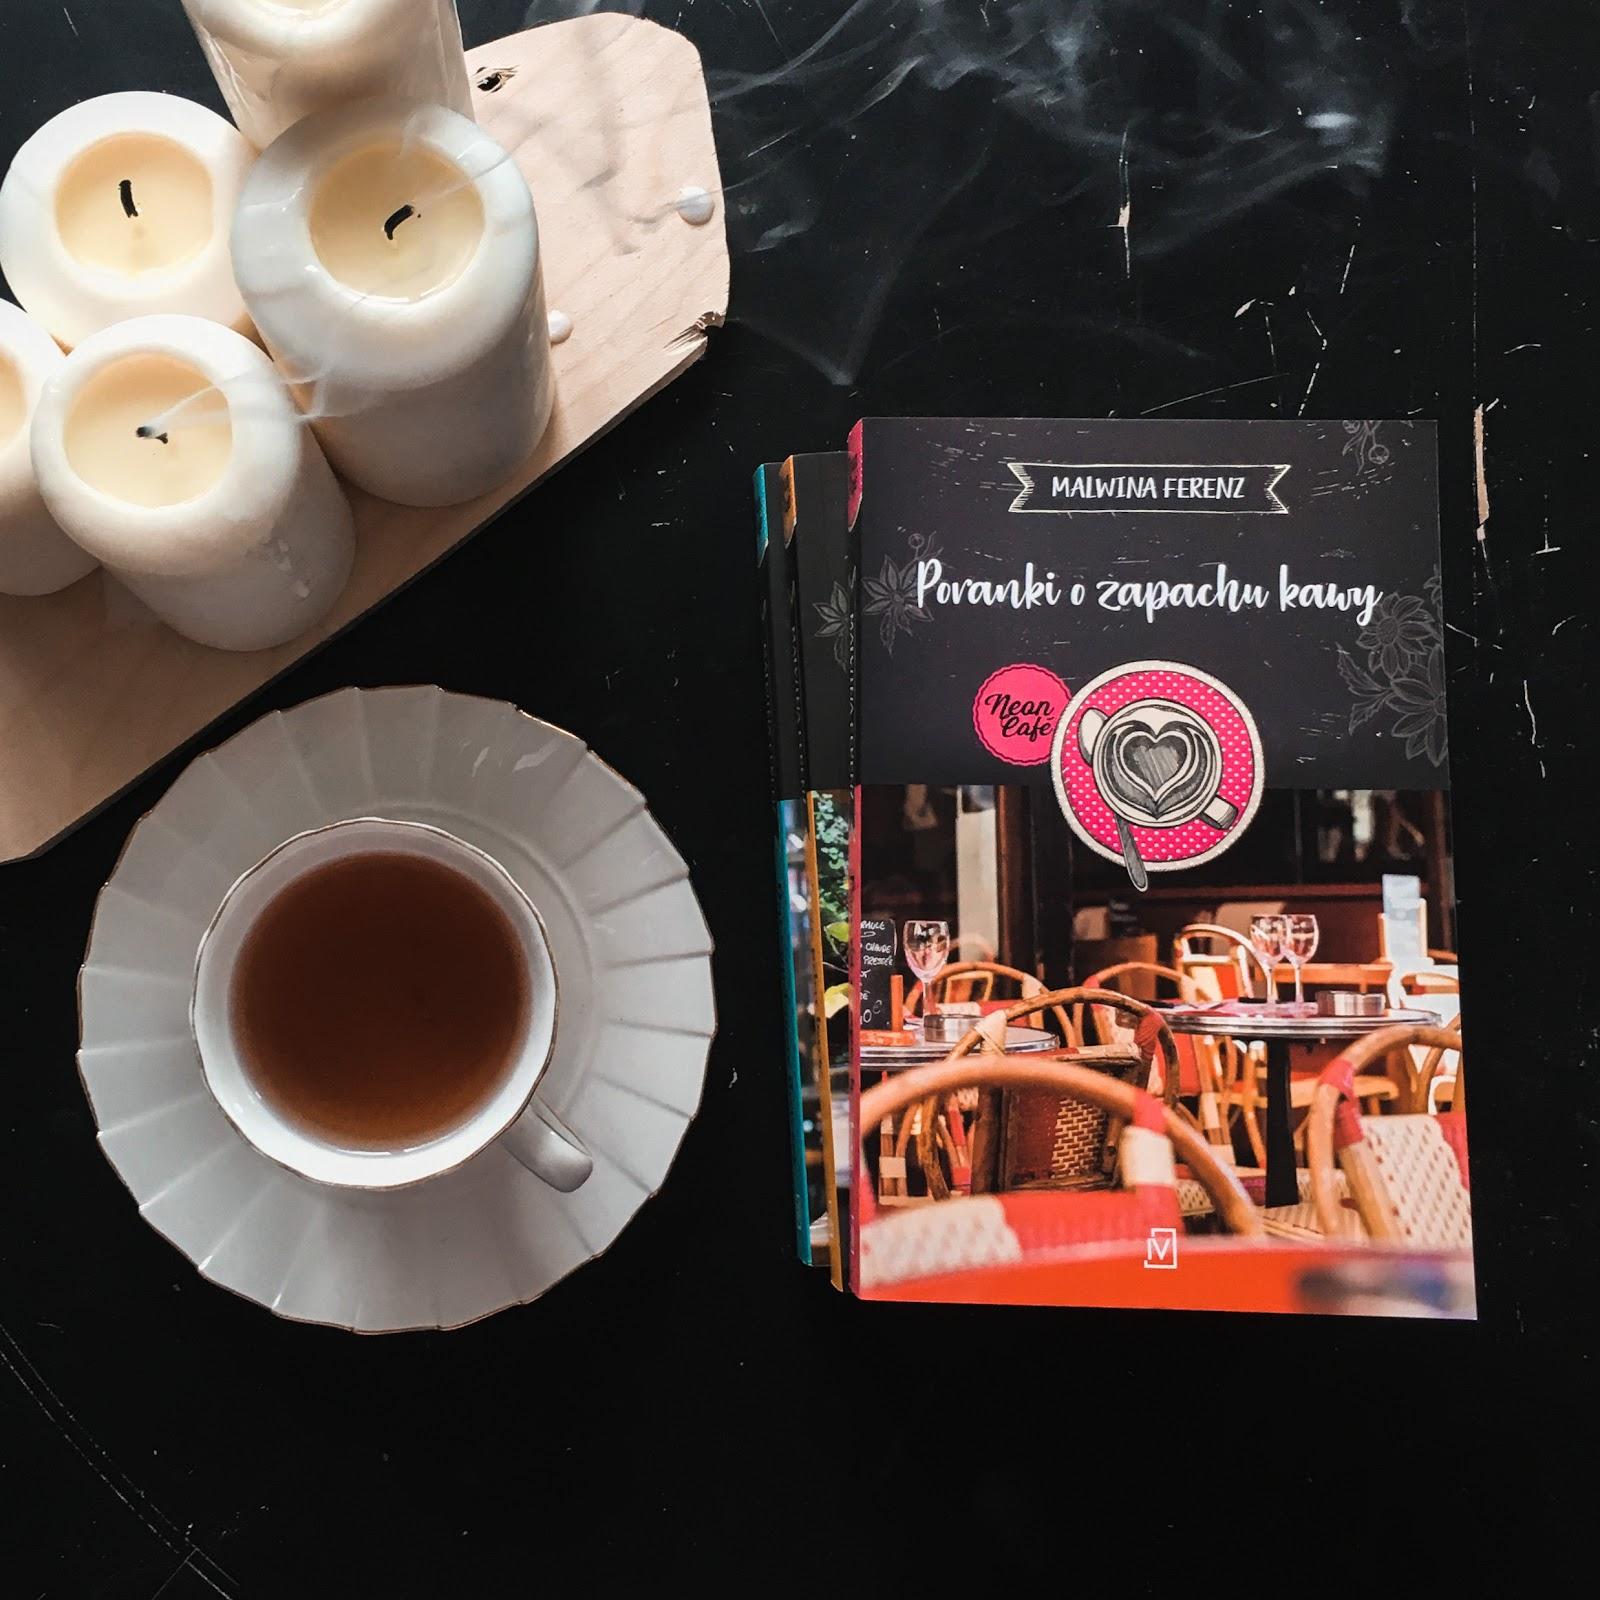 Poranki o zapachy kawy. Neon Café – Malwina Ferenz. Męska rzecz